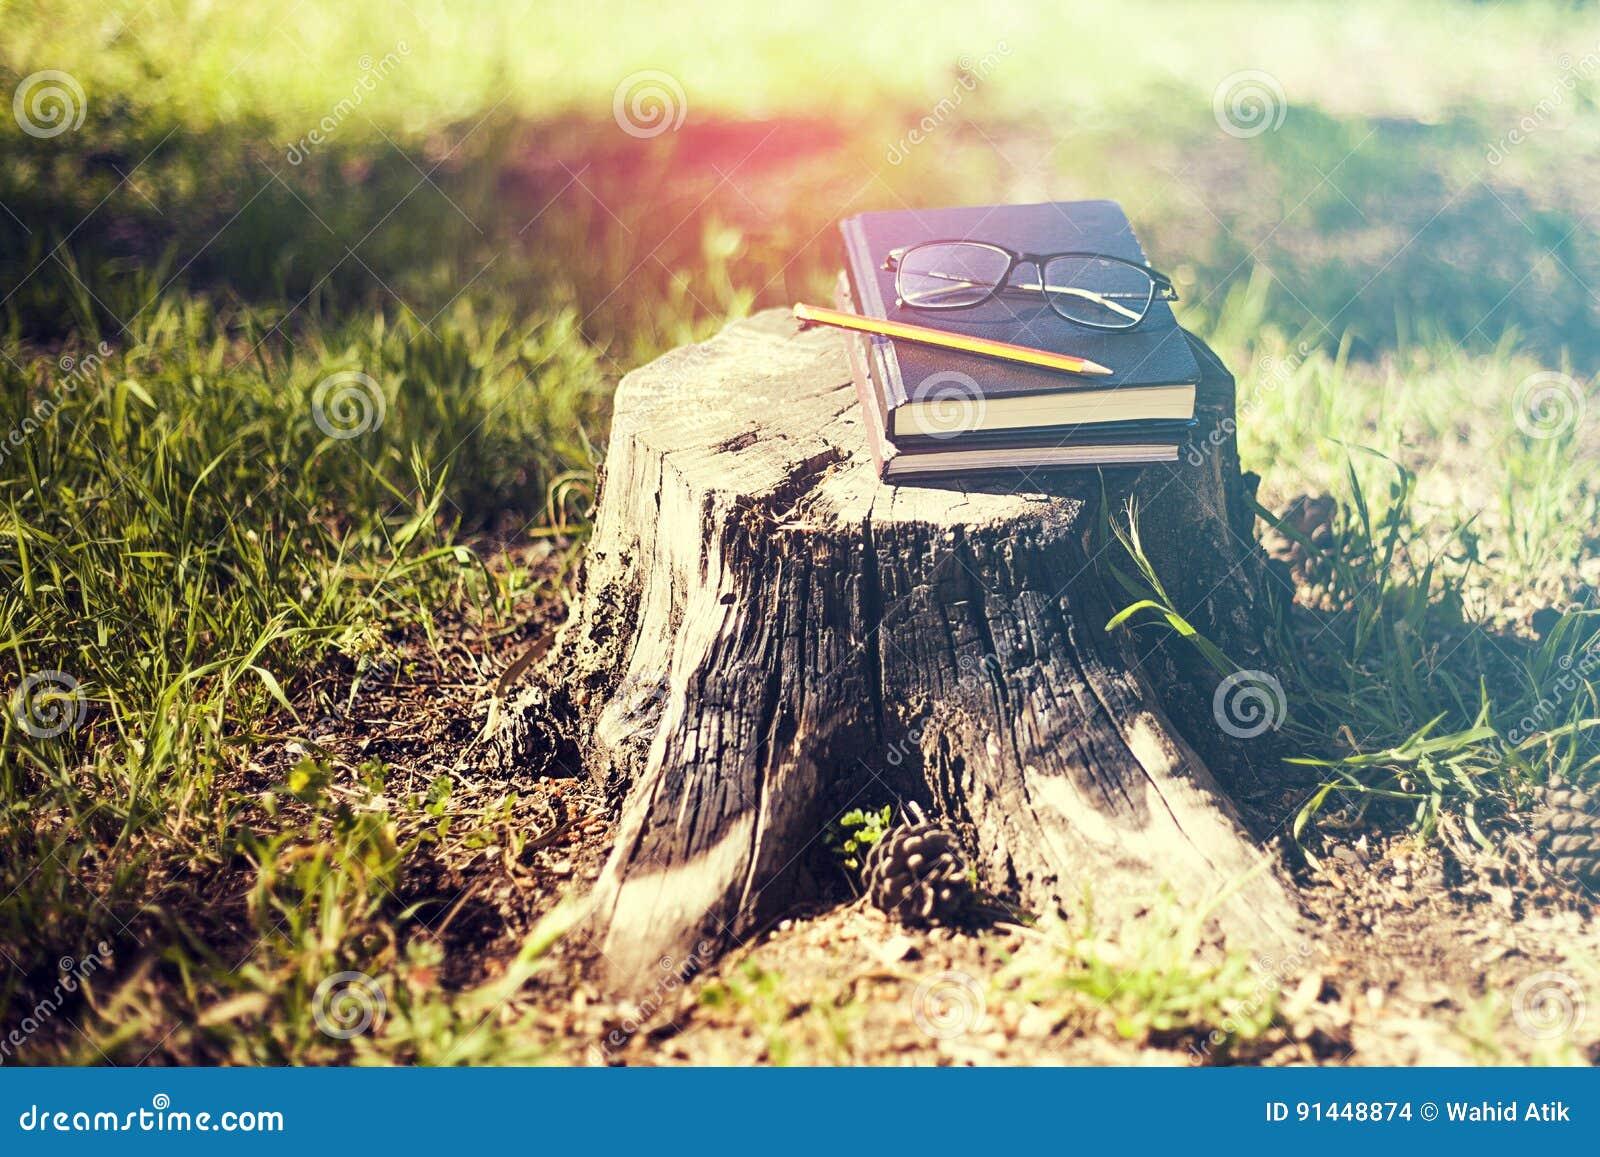 El libro cerrado sobre él es un lápiz, vidrios en un disparador un árbol adentro